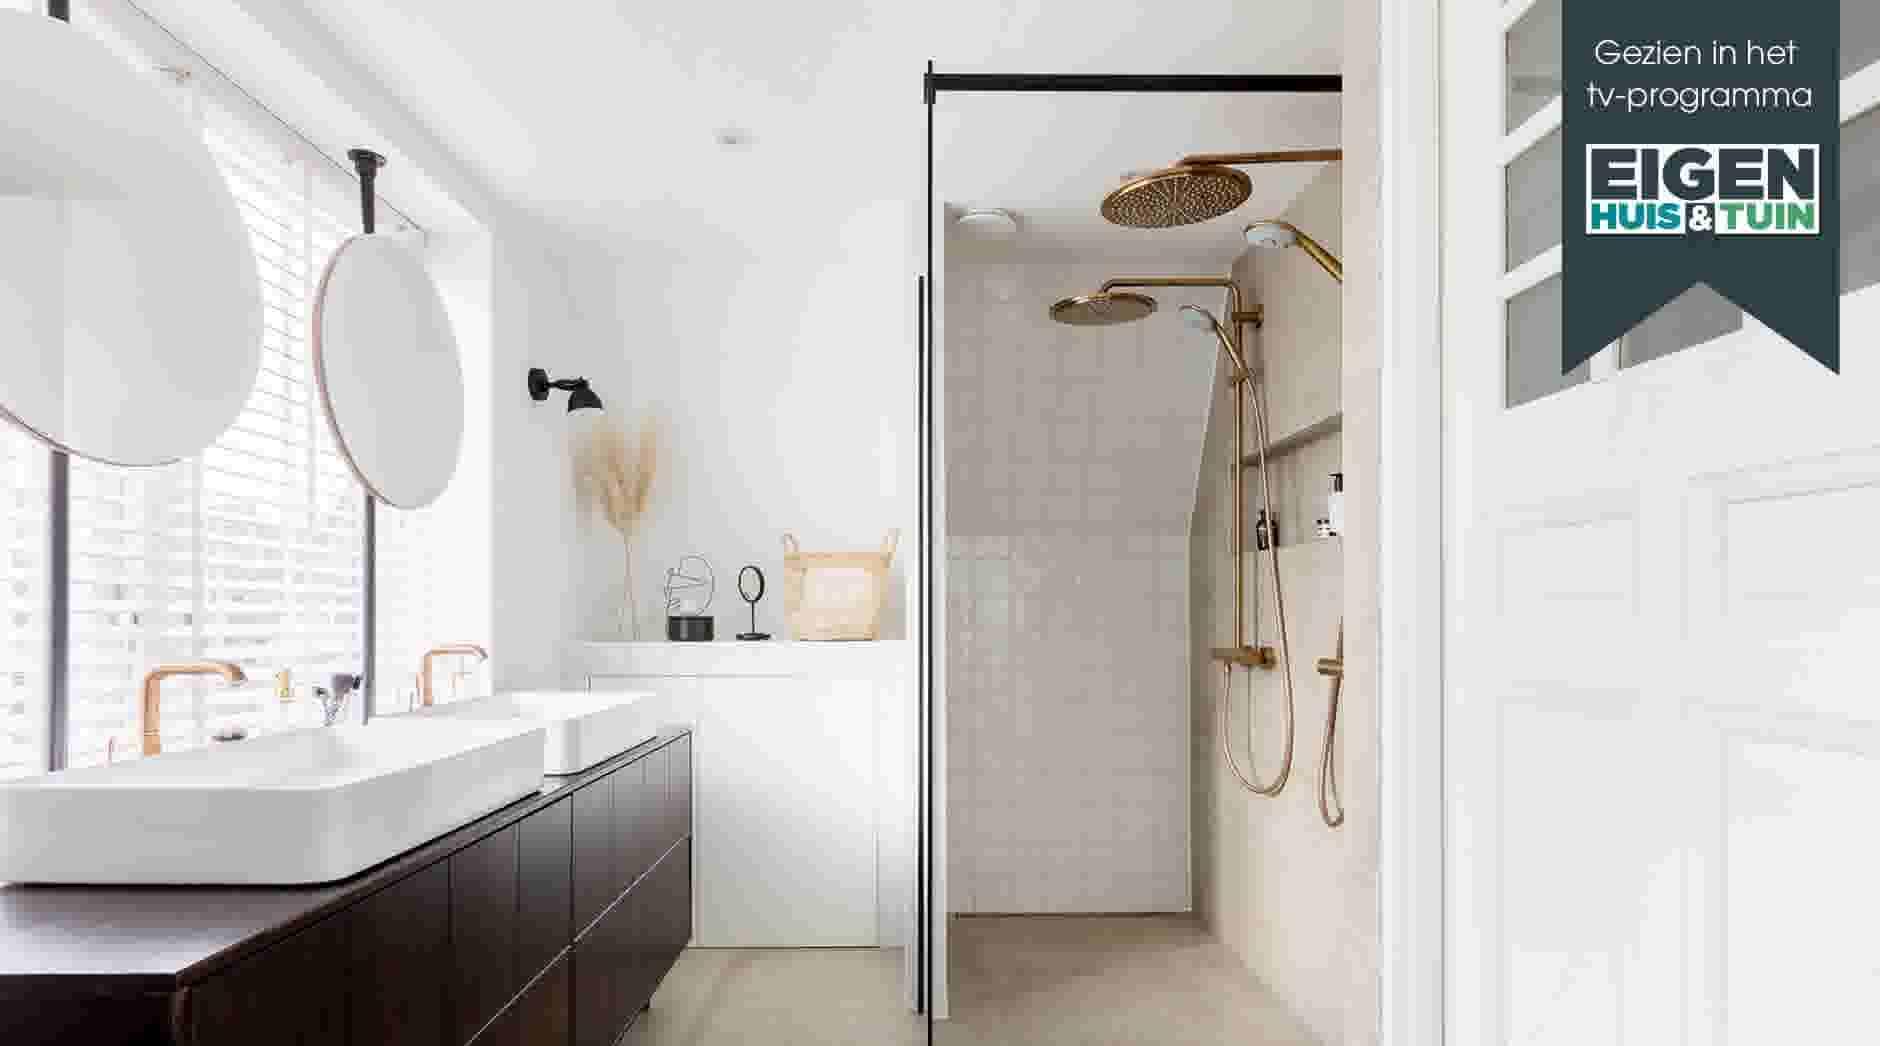 Bekijk de make over uit eigen huis & tuin van de badkamer in